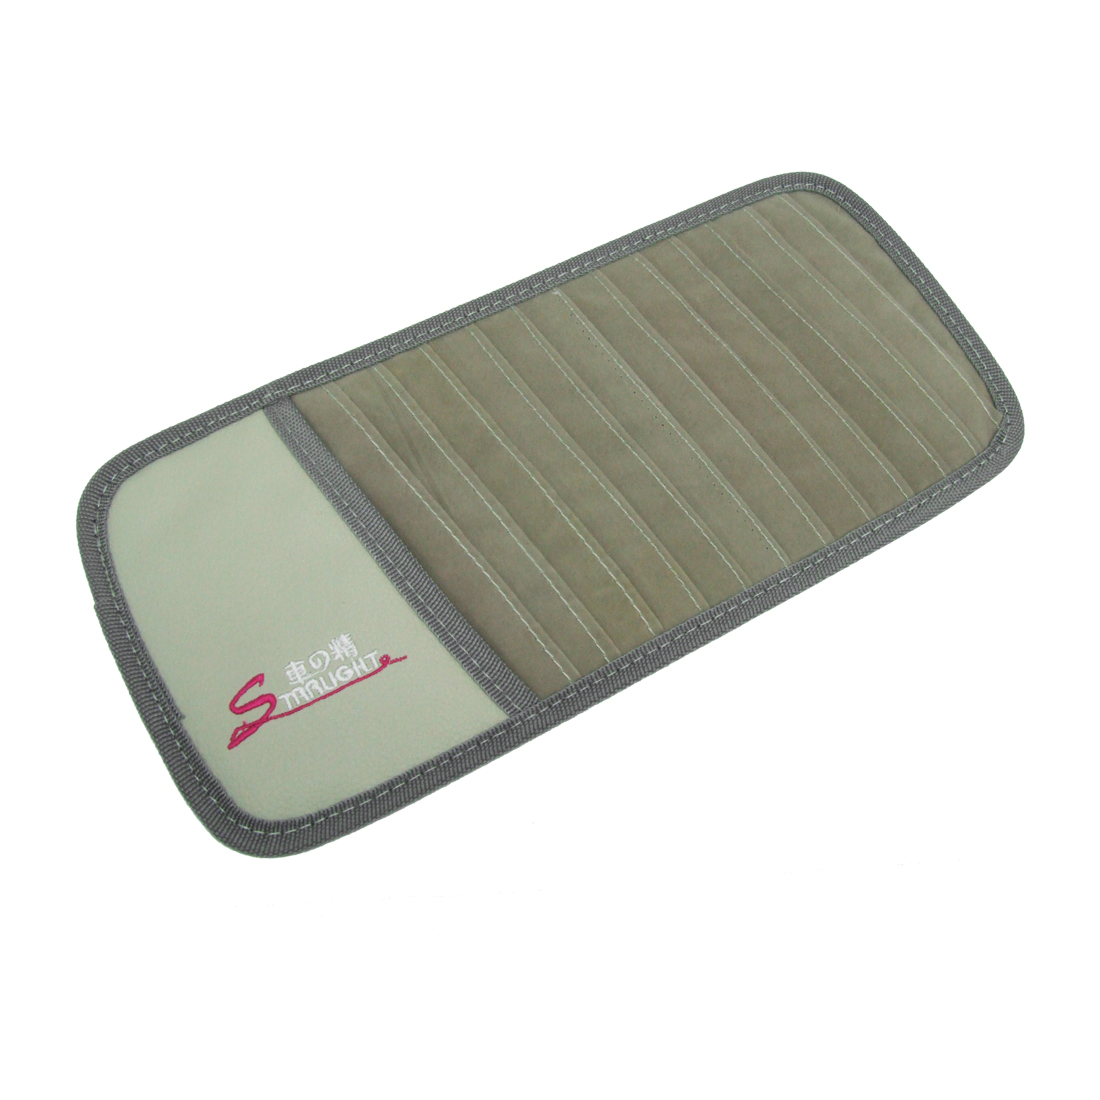 Take 12 Pcs CDs Car Auto Visor CD Organizer Bag Holder (SL-277)